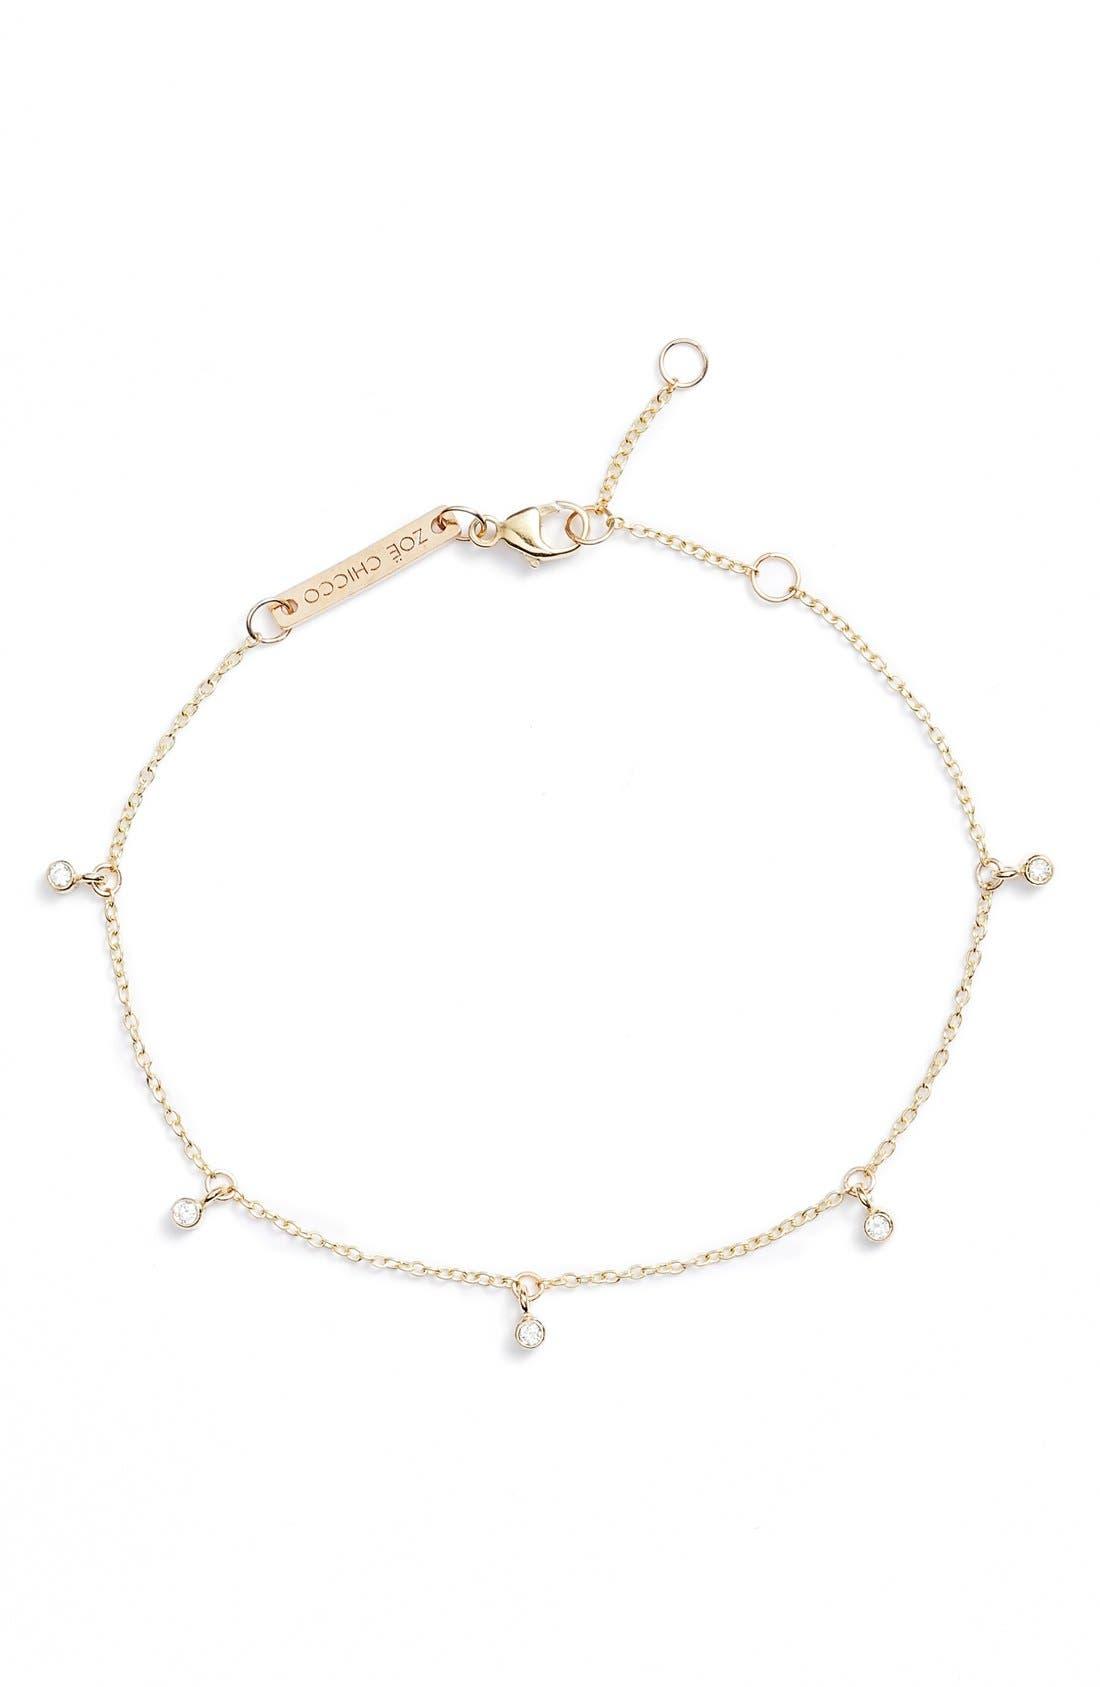 Zoë Chicco Dangling Diamond Bracelet